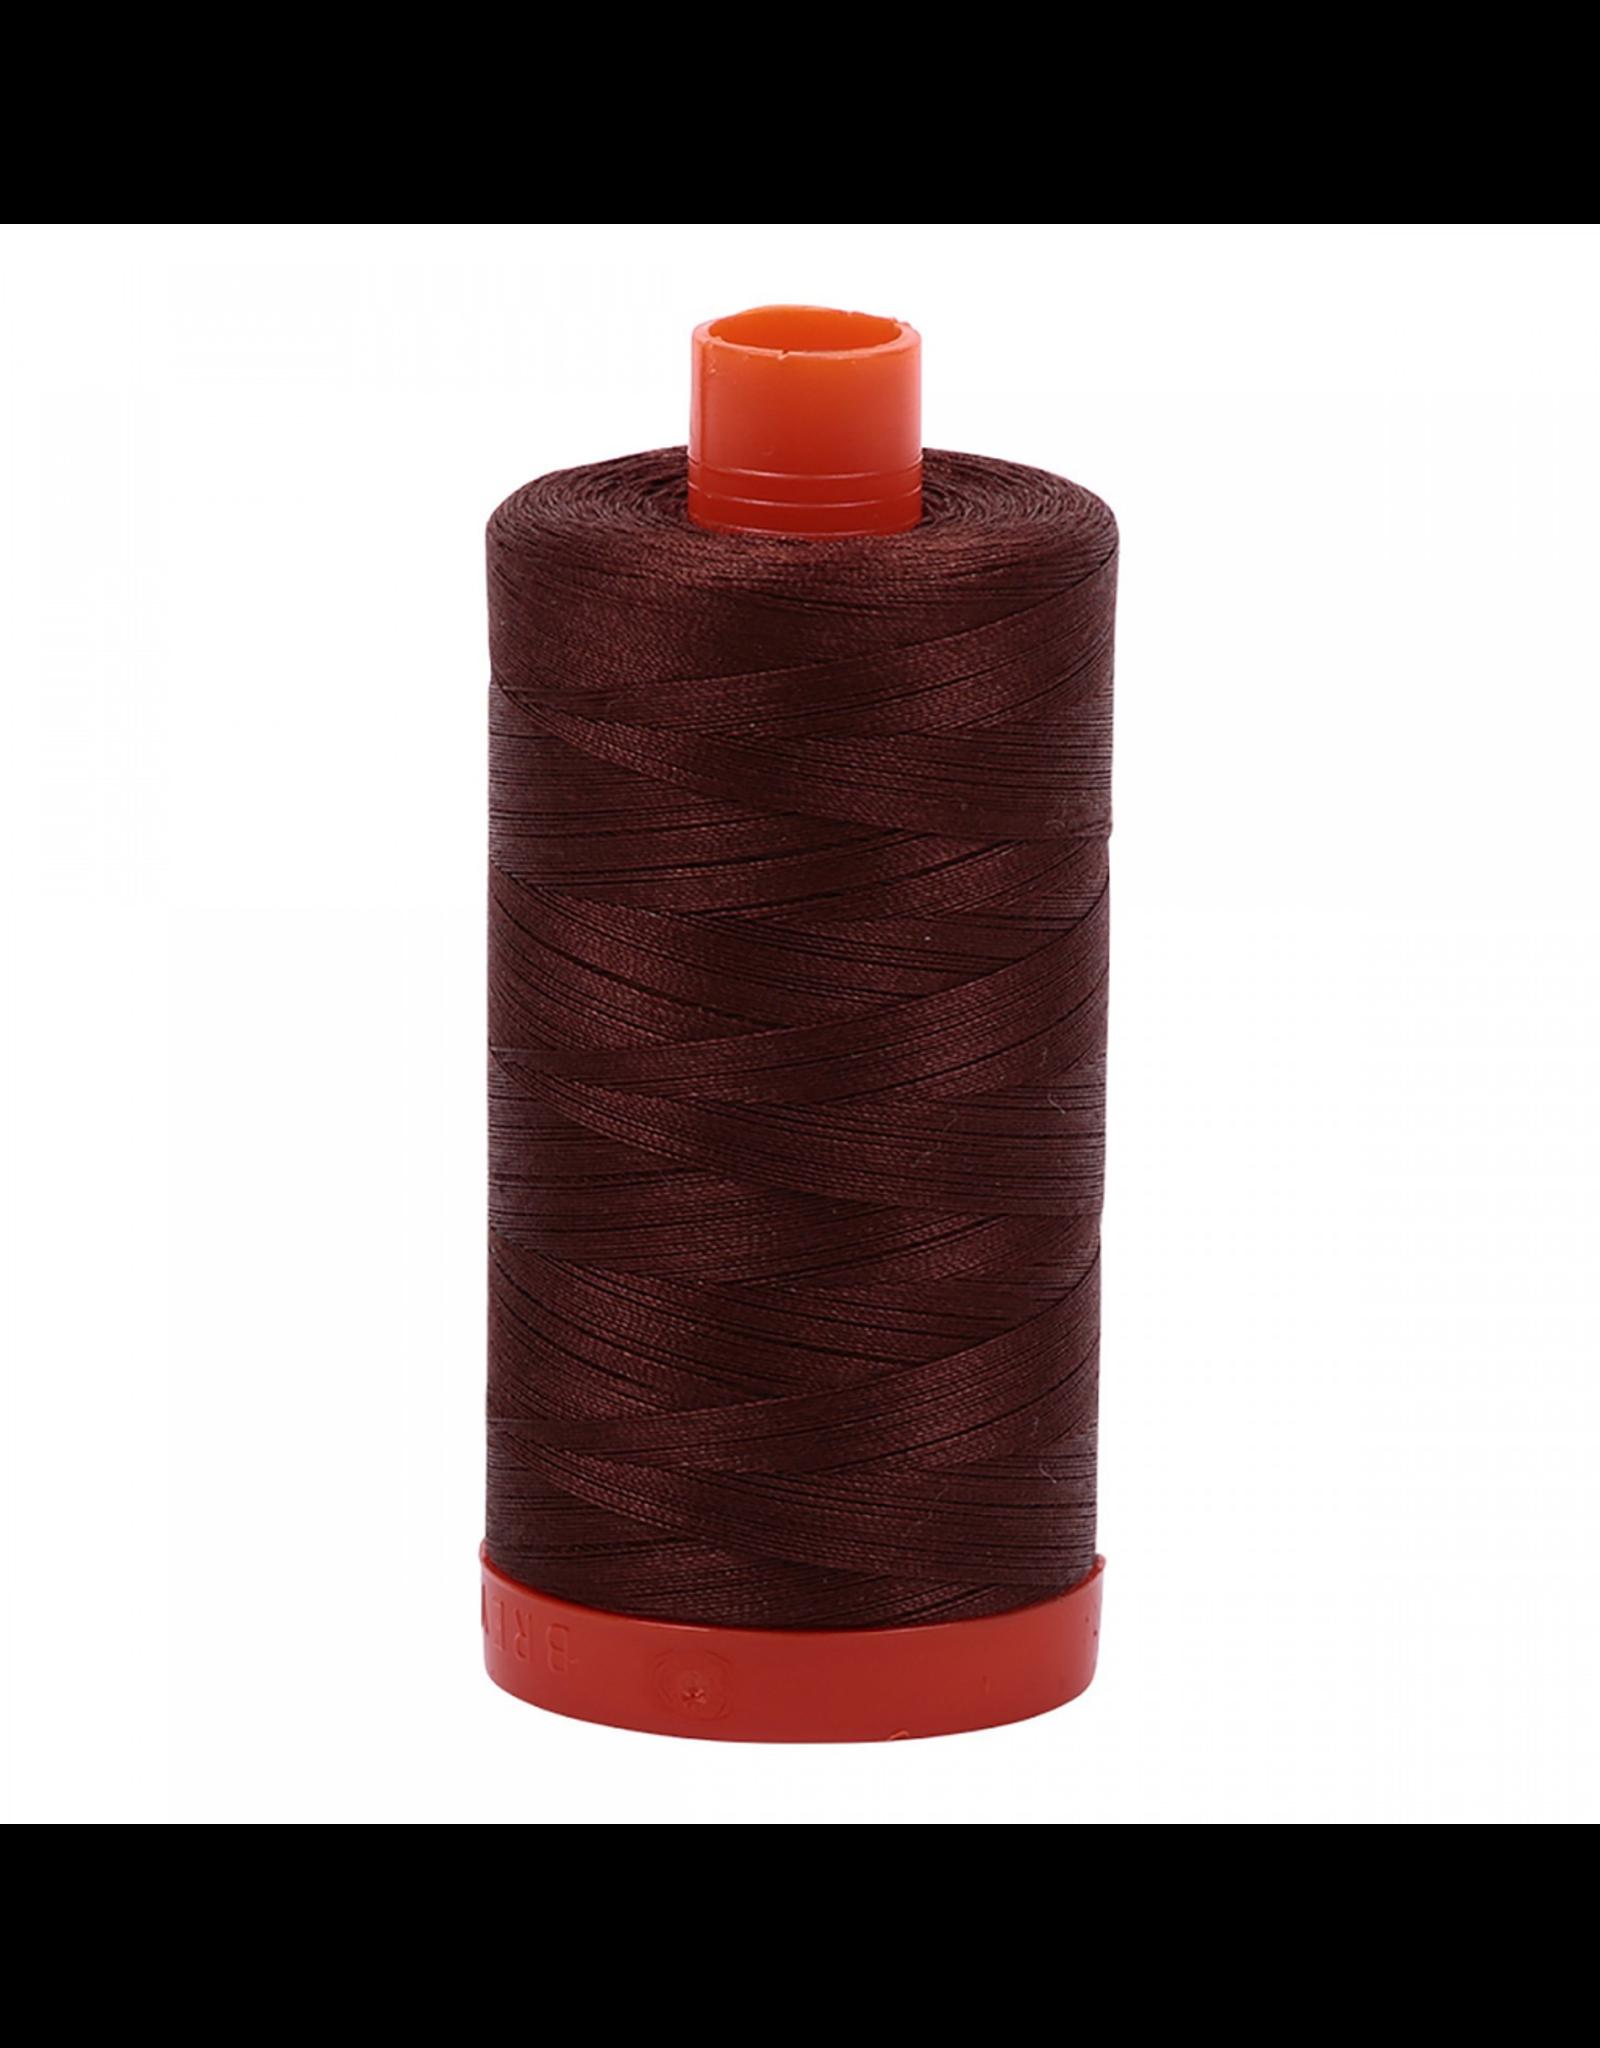 Aurifil Cotton Thread 50 wt 1422 yards Dark Antique Gold